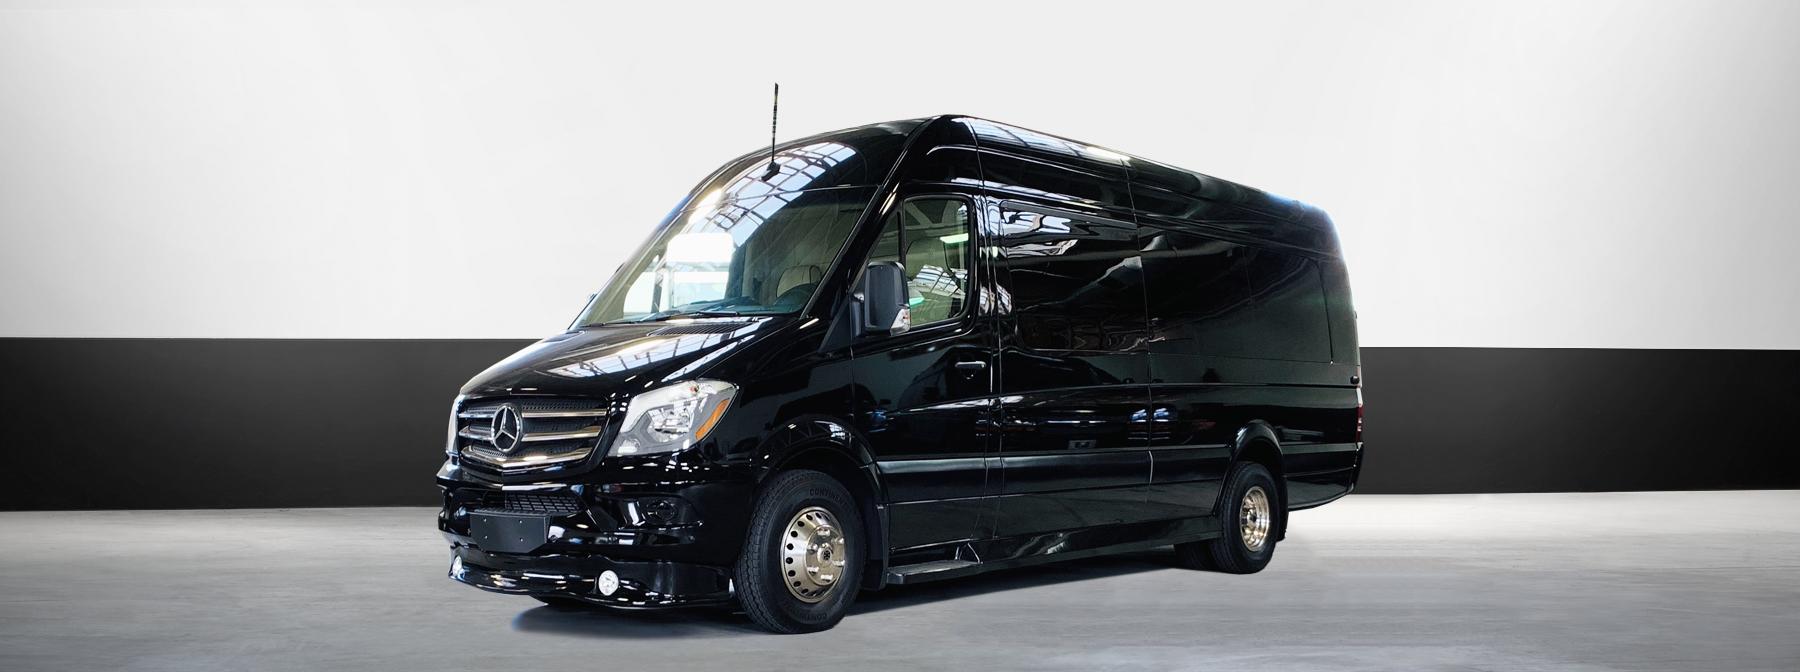 6c73213756 Rent a Mercedes Benz Sprinter Van Custom in Los Angeles